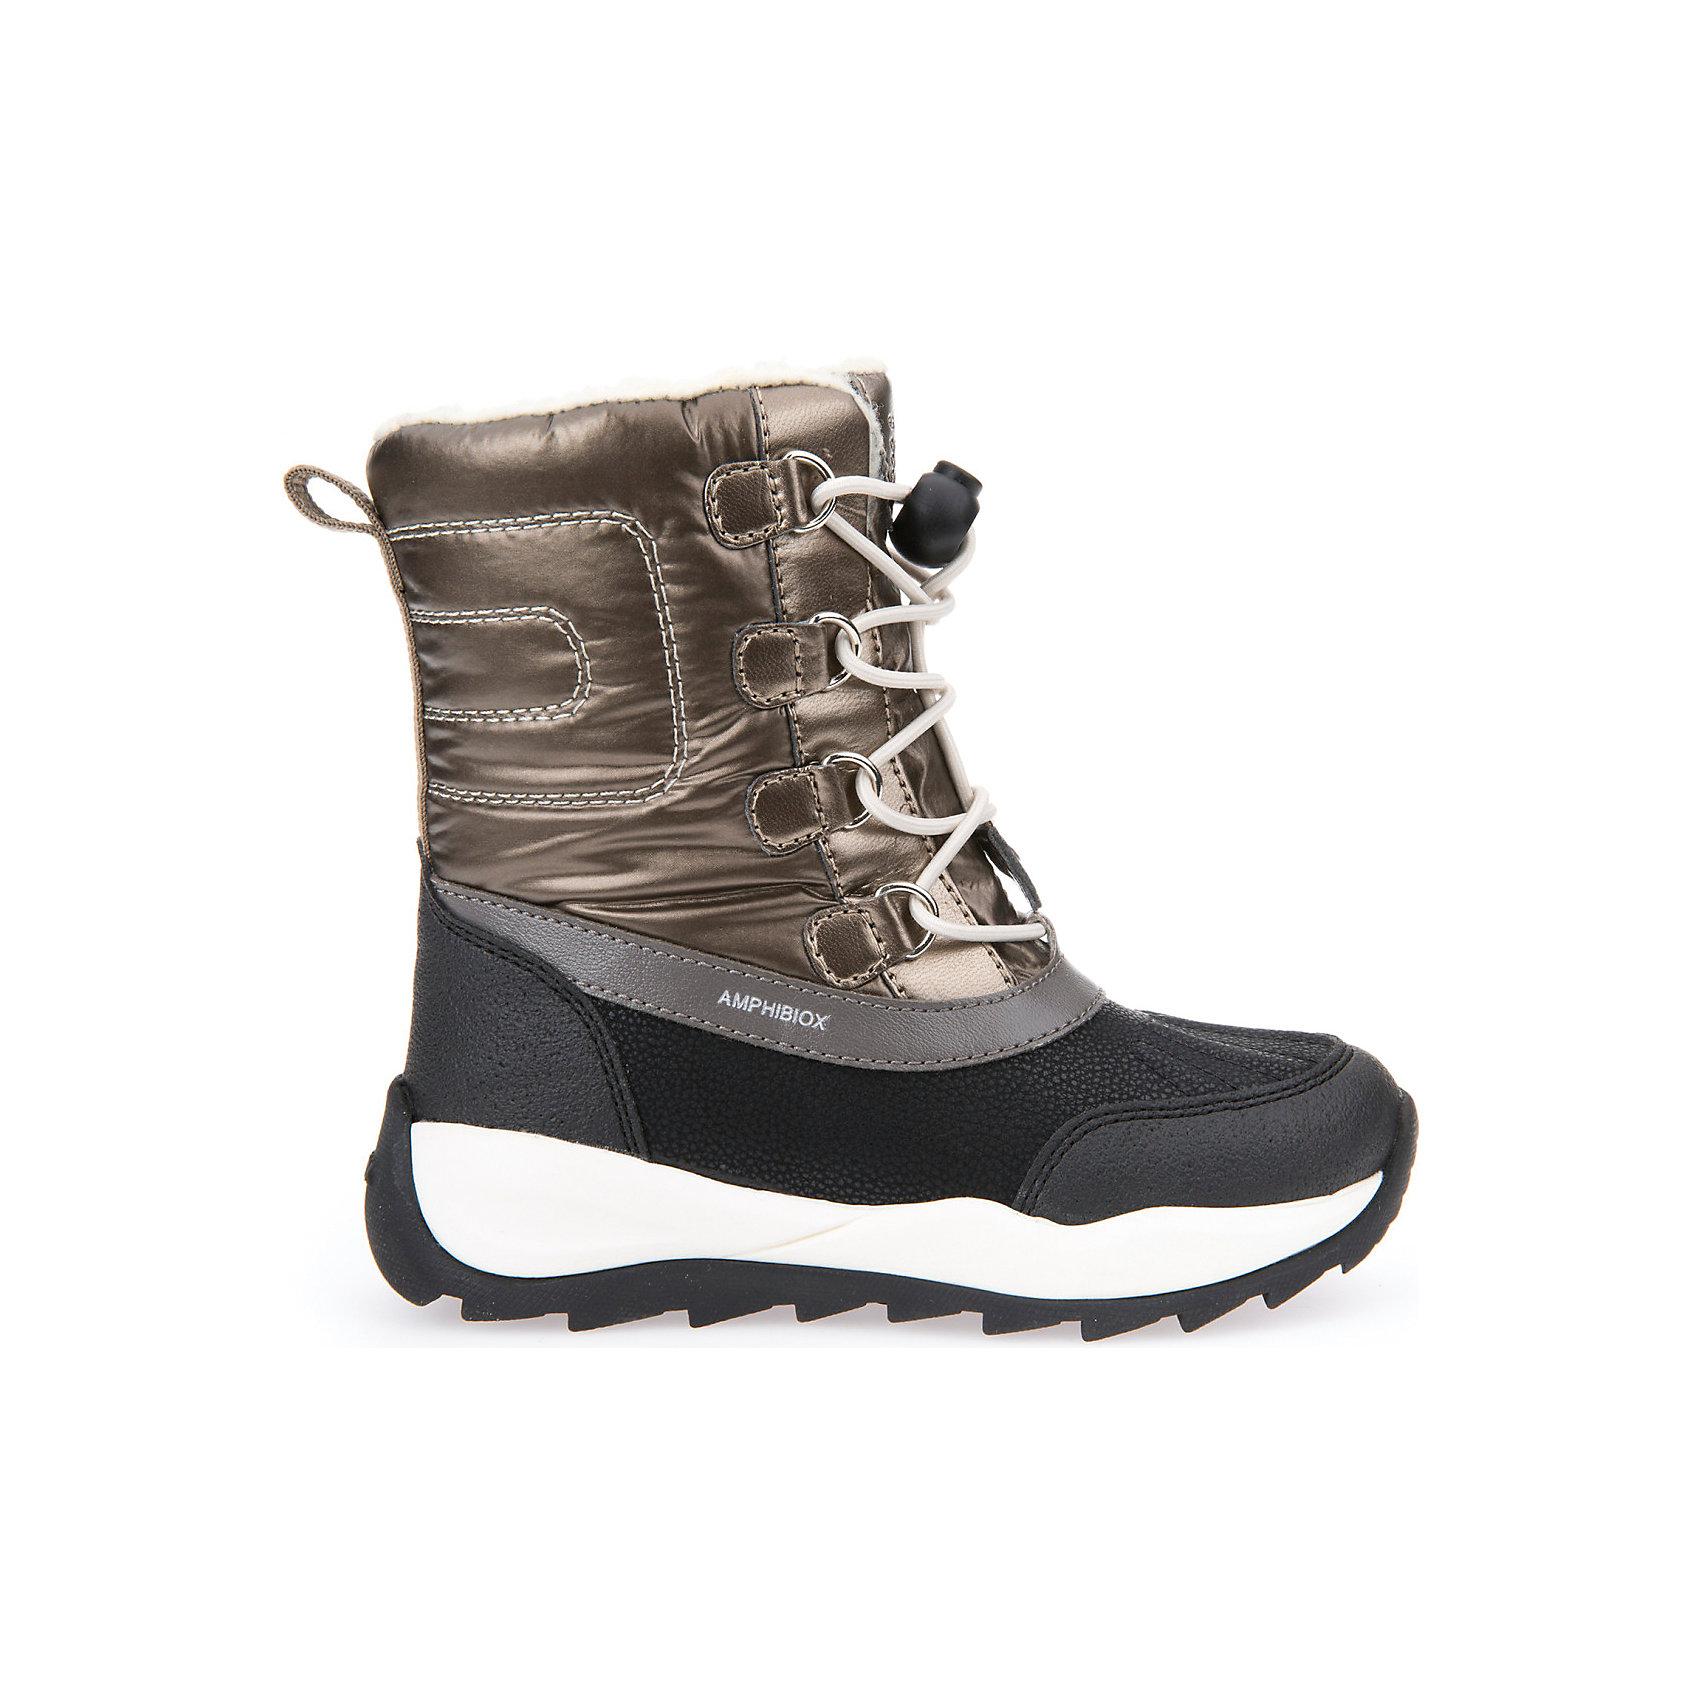 Сноубутсы для девочки GeoxСапоги<br>Полусапожки для девочки GEOX (ГЕОКС)<br>Полусапожки для девочки от GEOX (ГЕОКС) идеально подходят для холодной погоды. Они выполнены из сочетания искусственной кожи и текстиля, имеют подкладку из искусственного меха, текстильную стельку. Тип застежки: шнуровка. Влага не застаивается в обуви, благодаря чему создается идеальный микроклимат, который держит ноги теплыми и сухими, и позволяет им дышать естественно. Колодка соответствует анатомическим особенностям строения детской стопы. Качественная амортизация снижает нагрузку на суставы. Запатентованная гибкая перфорированная подошва со специальной микропористой мембраной обеспечивает естественное дыхание обуви, не пропускает воду, не скользит. Модель имеет усиленный мыс и пятку. <br><br>Дополнительная информация:<br><br>- Сезон: зима<br>- Цвет: золотистый, черный<br>- Материал верха: искусственная кожа, текстиль<br>- Внутренний материал: искусственный мех<br>- Материал стельки: текстиль<br>- Материал подошвы: резина<br>- Тип застежки: шнуровка<br>- Высота голенища/задника: 14 см.<br>- Детали обуви: контрастная отстрочка<br>- Высота платформы: 1 см.<br>- Высота подошвы: 3 см.<br>- Технология Amphibiox<br>- Материалы и продукция прошли специальную проверку T?V S?D, на отсутствие веществ, опасных для здоровья покупателей<br><br>Полусапожки для девочки GEOX (ГЕОКС) можно купить в нашем интернет-магазине.<br><br>Ширина мм: 257<br>Глубина мм: 180<br>Высота мм: 130<br>Вес г: 420<br>Цвет: золотой<br>Возраст от месяцев: 36<br>Возраст до месяцев: 48<br>Пол: Женский<br>Возраст: Детский<br>Размер: 27,37,31,33,34,32,30,29,28,33,32,31,30,29,27,26,28,35,36<br>SKU: 4812476